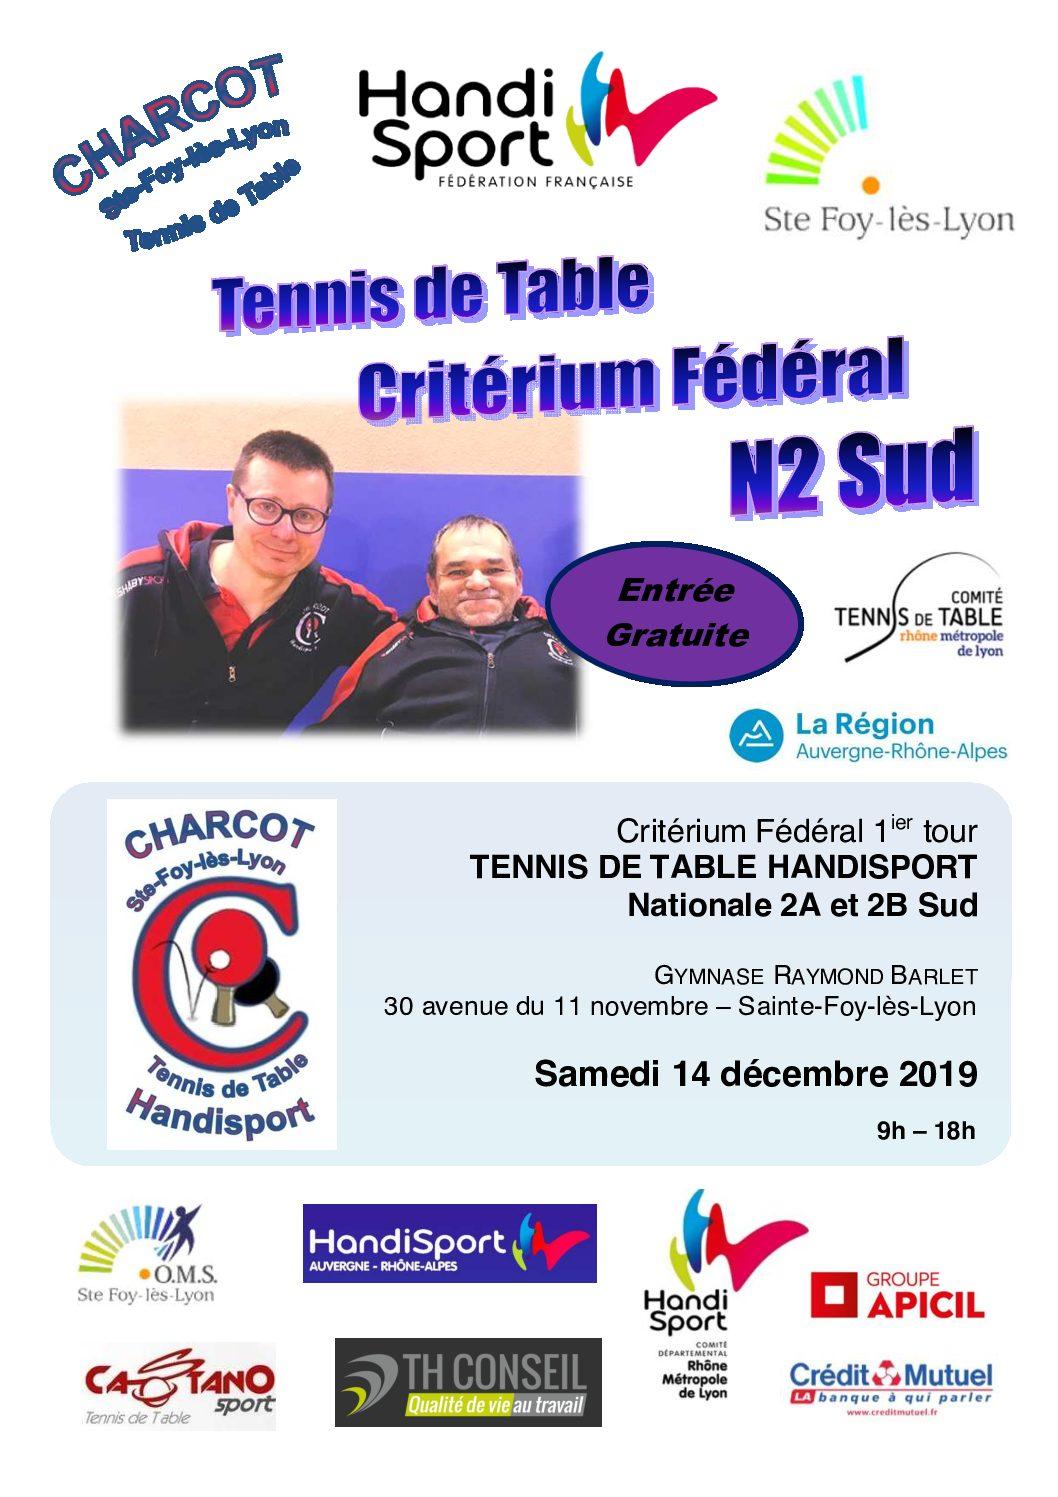 Samedi 14 décembre 2019 : 1er tour de Critérium Fédéral Handisport National 2 à Ste-Foy-lès Lyon